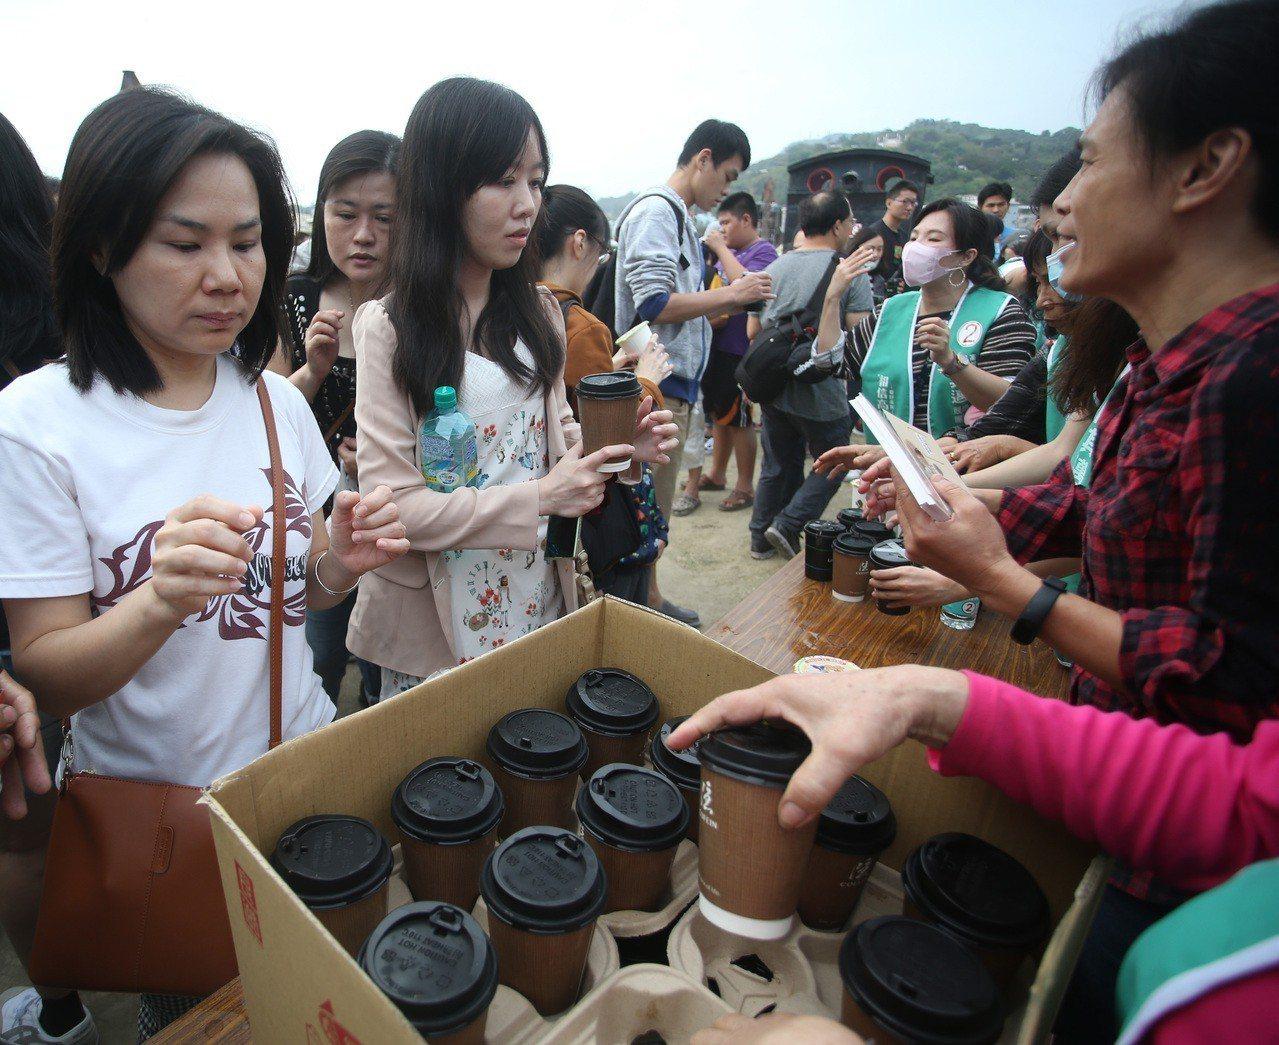 陳其邁「感謝有你咖啡會」以咖啡感謝支持者。 記者劉學聖/攝影